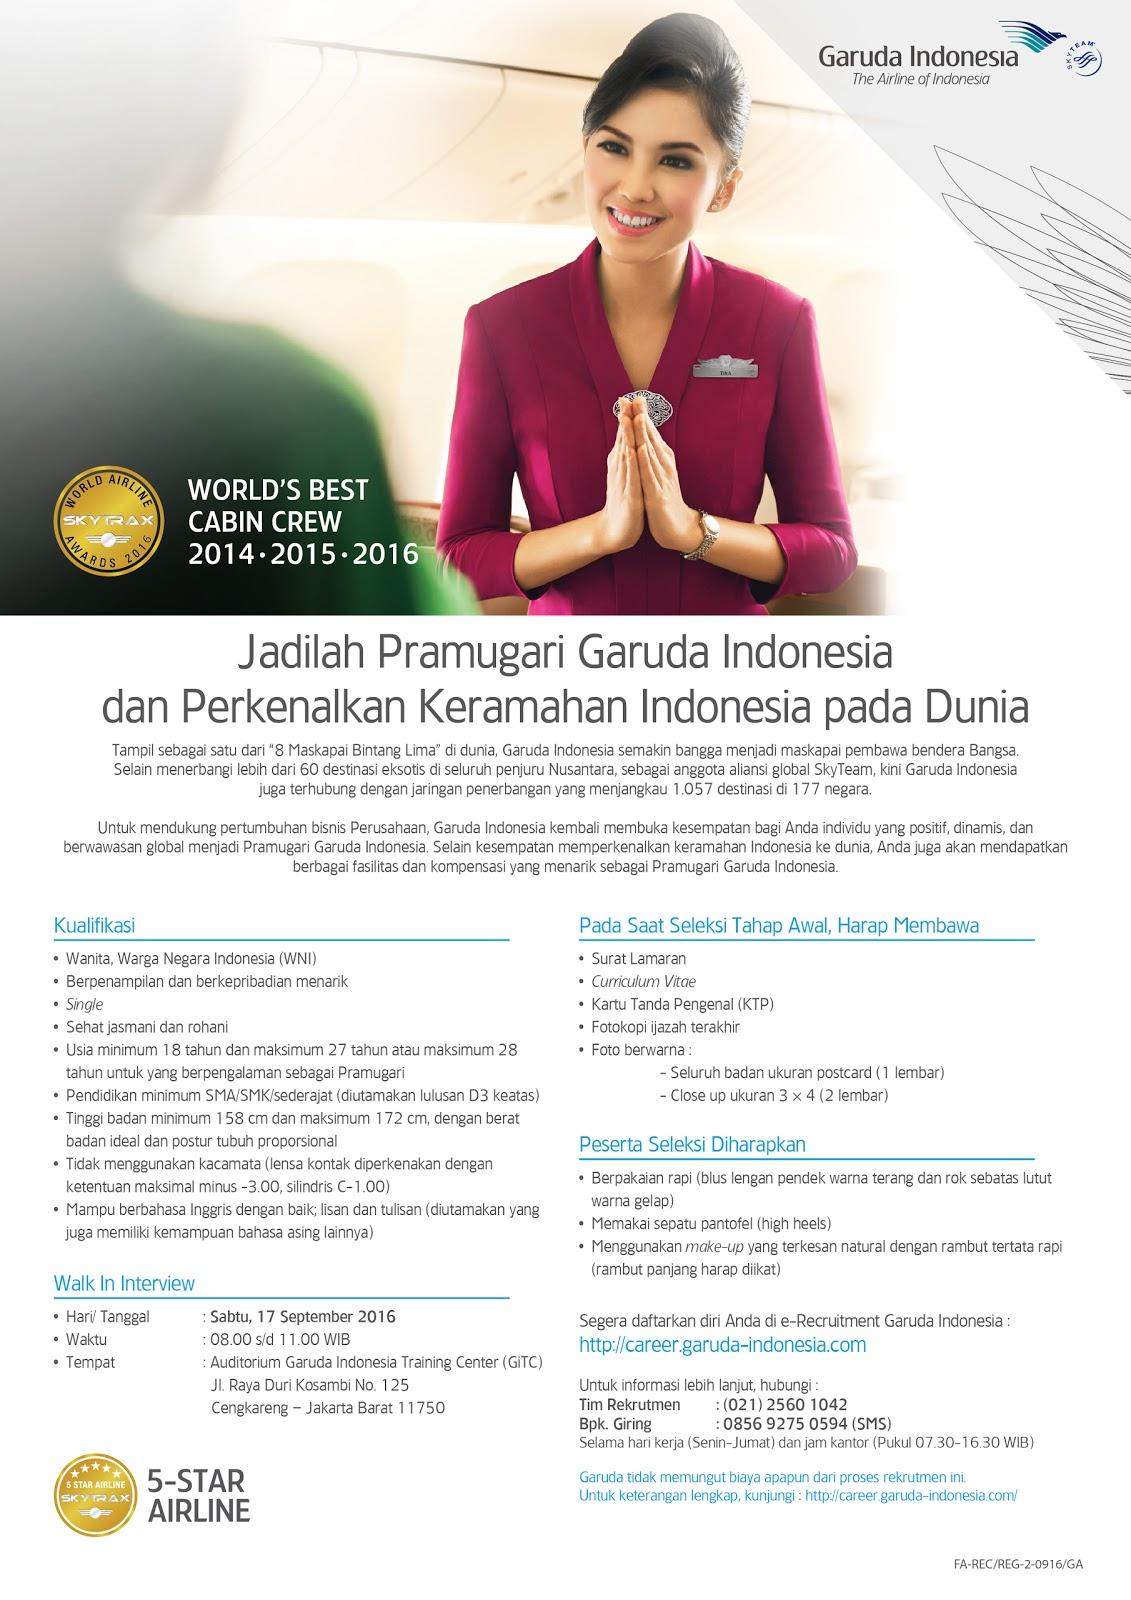 Lowongan Kerja dan Persyaratan Pramugari Garuda Indonesia